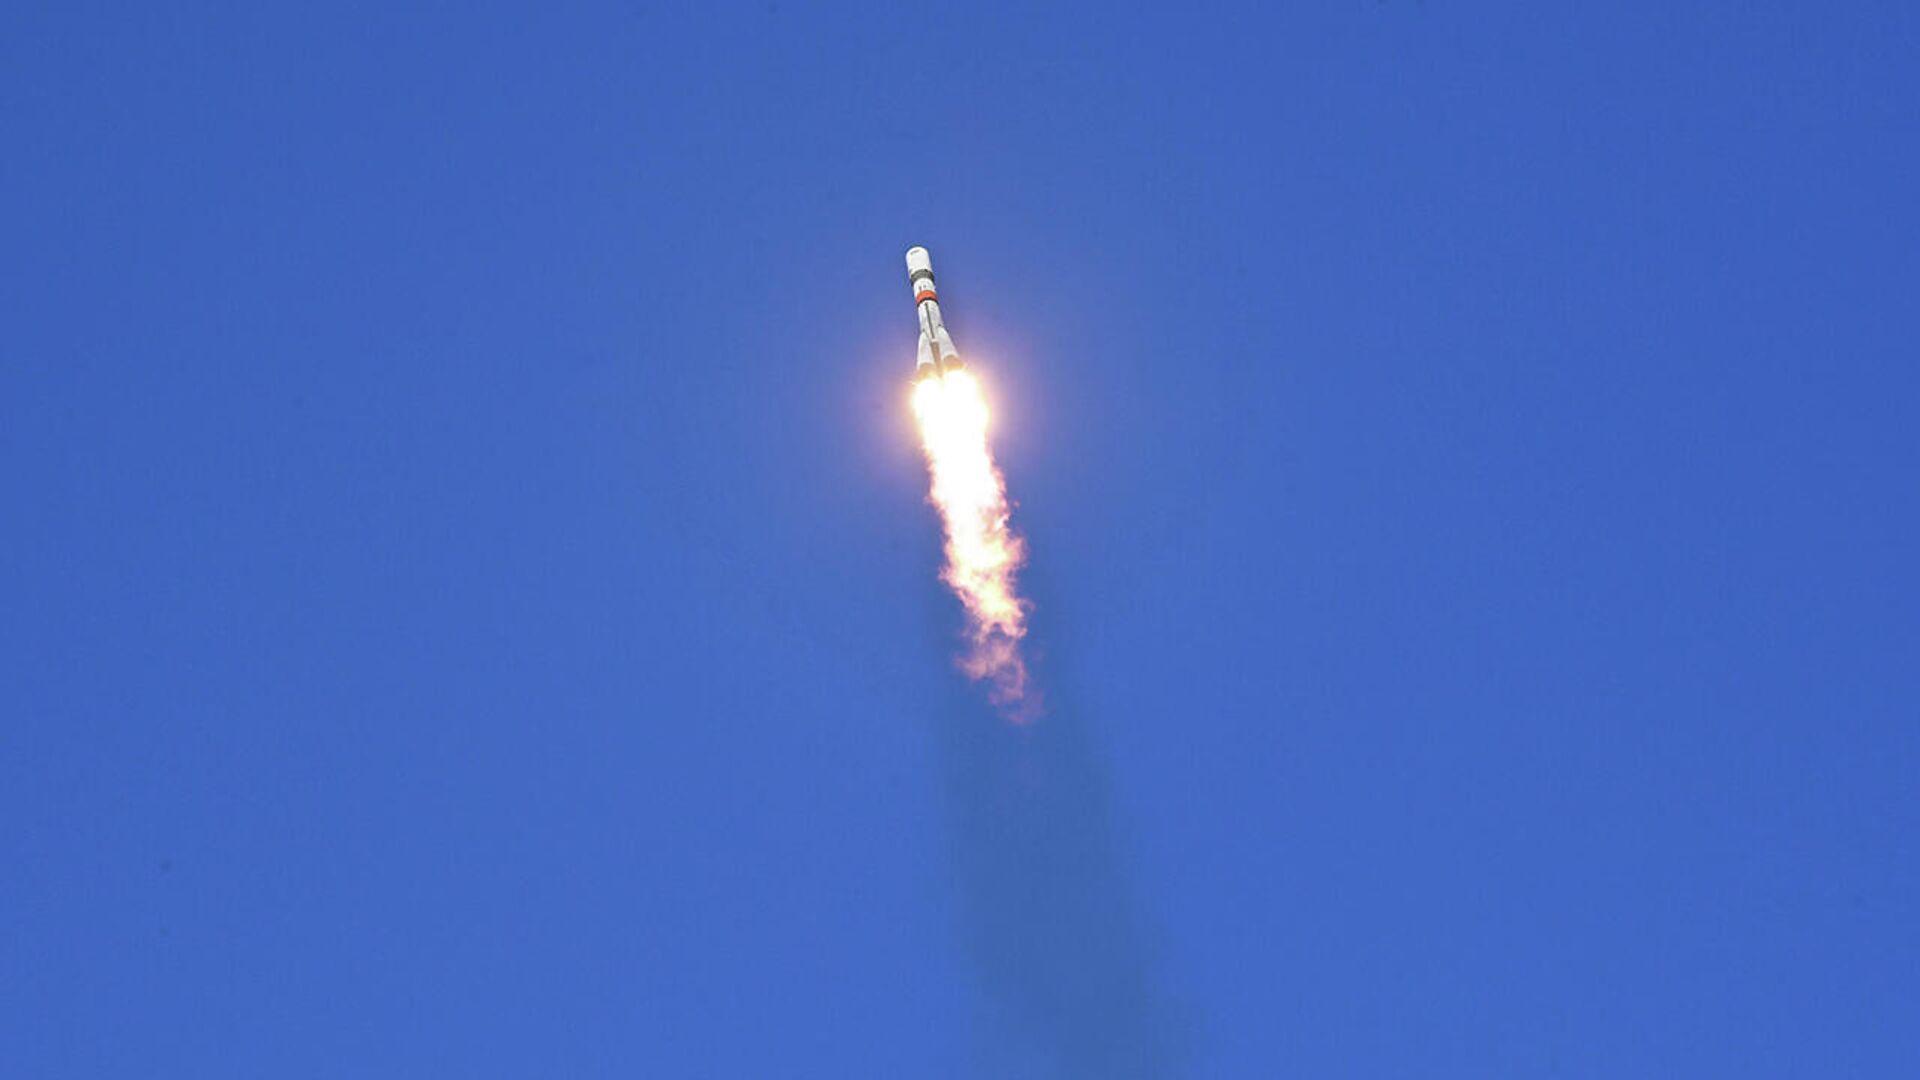 Старт ракеты-носителя Союз-2.1а с транспортным грузовым кораблем Прогресс МС-15  - РИА Новости, 1920, 06.11.2020